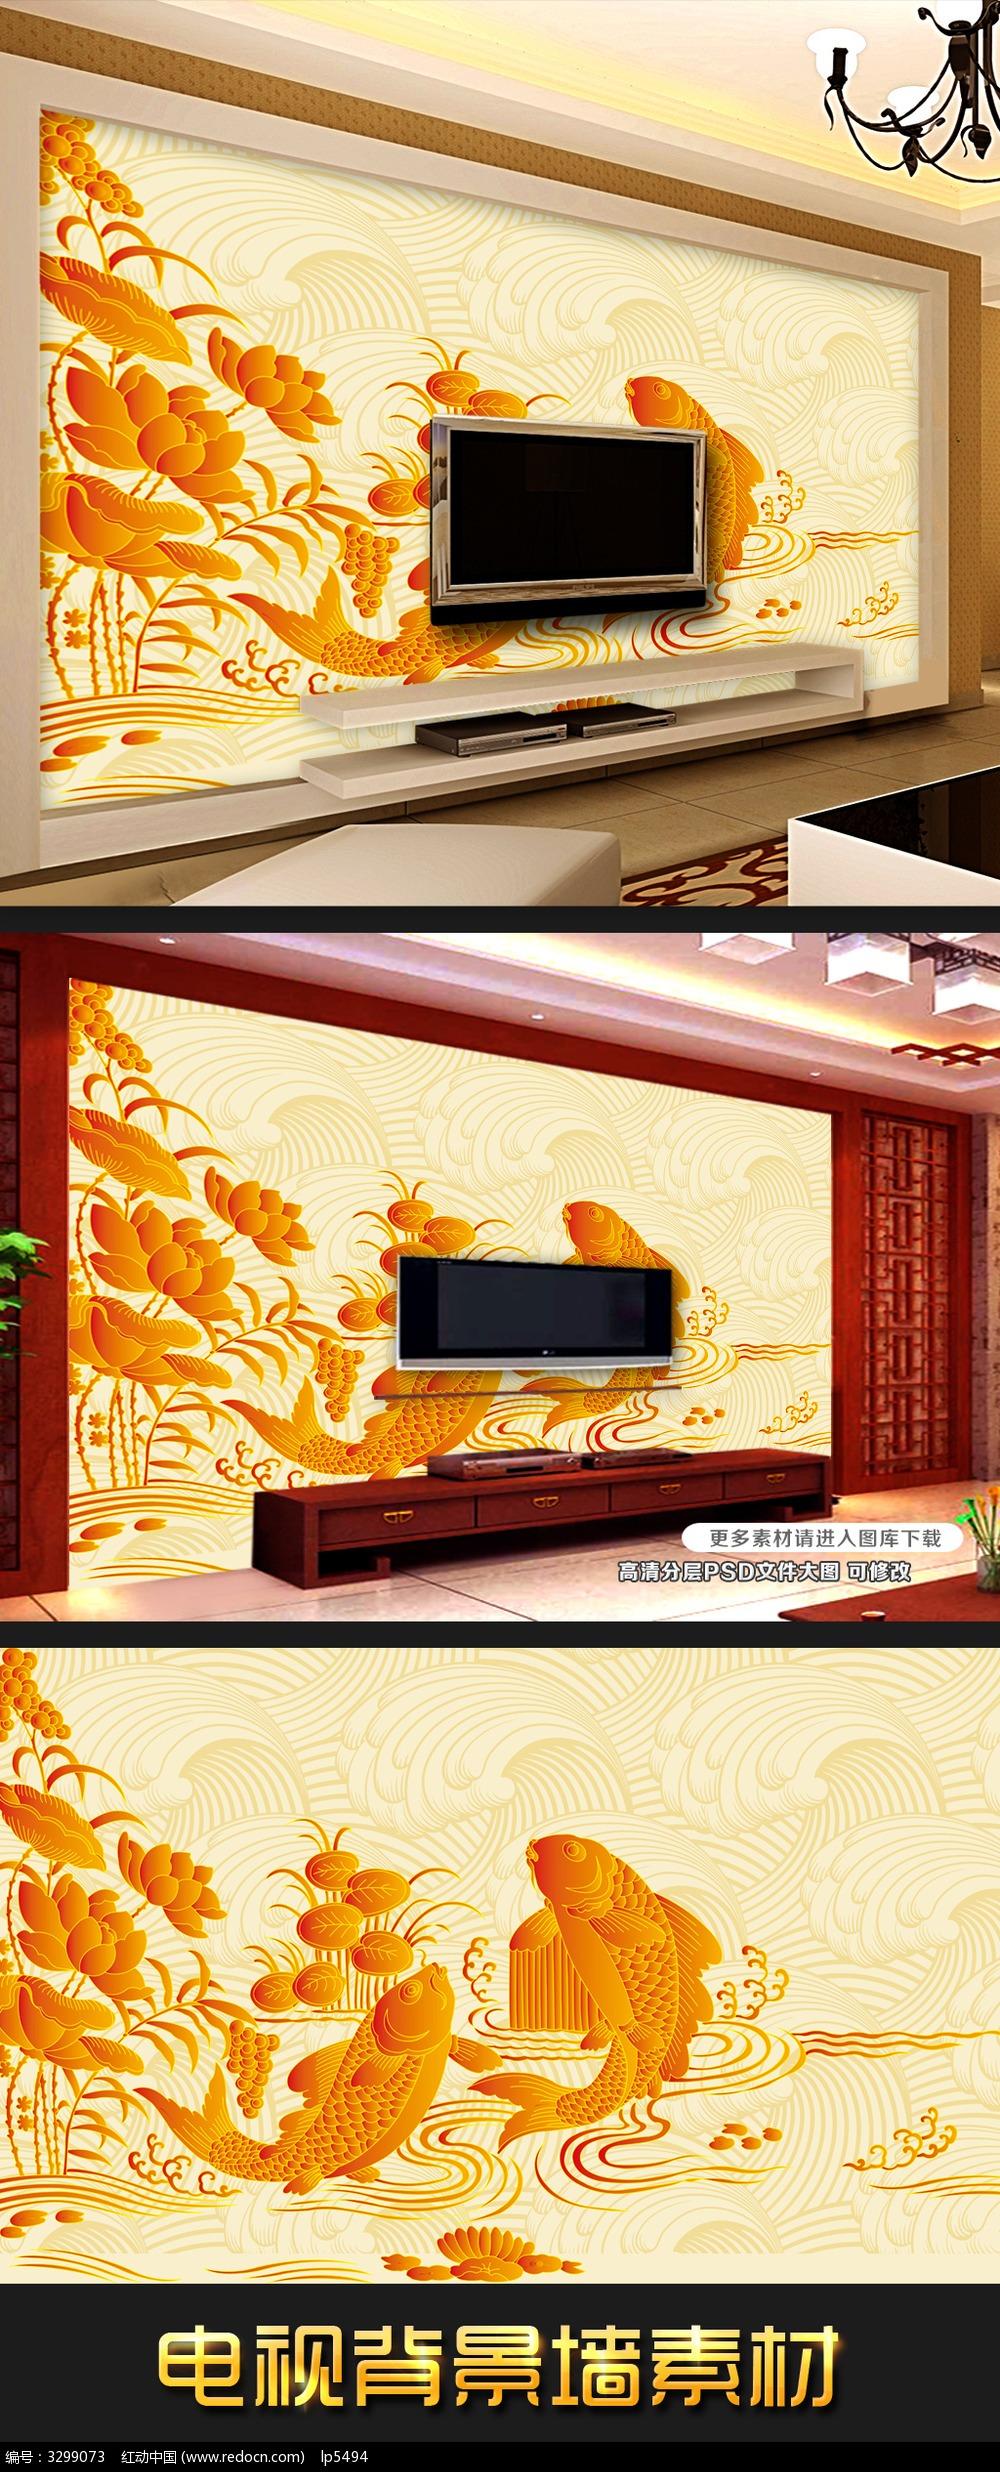 金色荷花家和万事兴电视背景墙装饰画素材图片